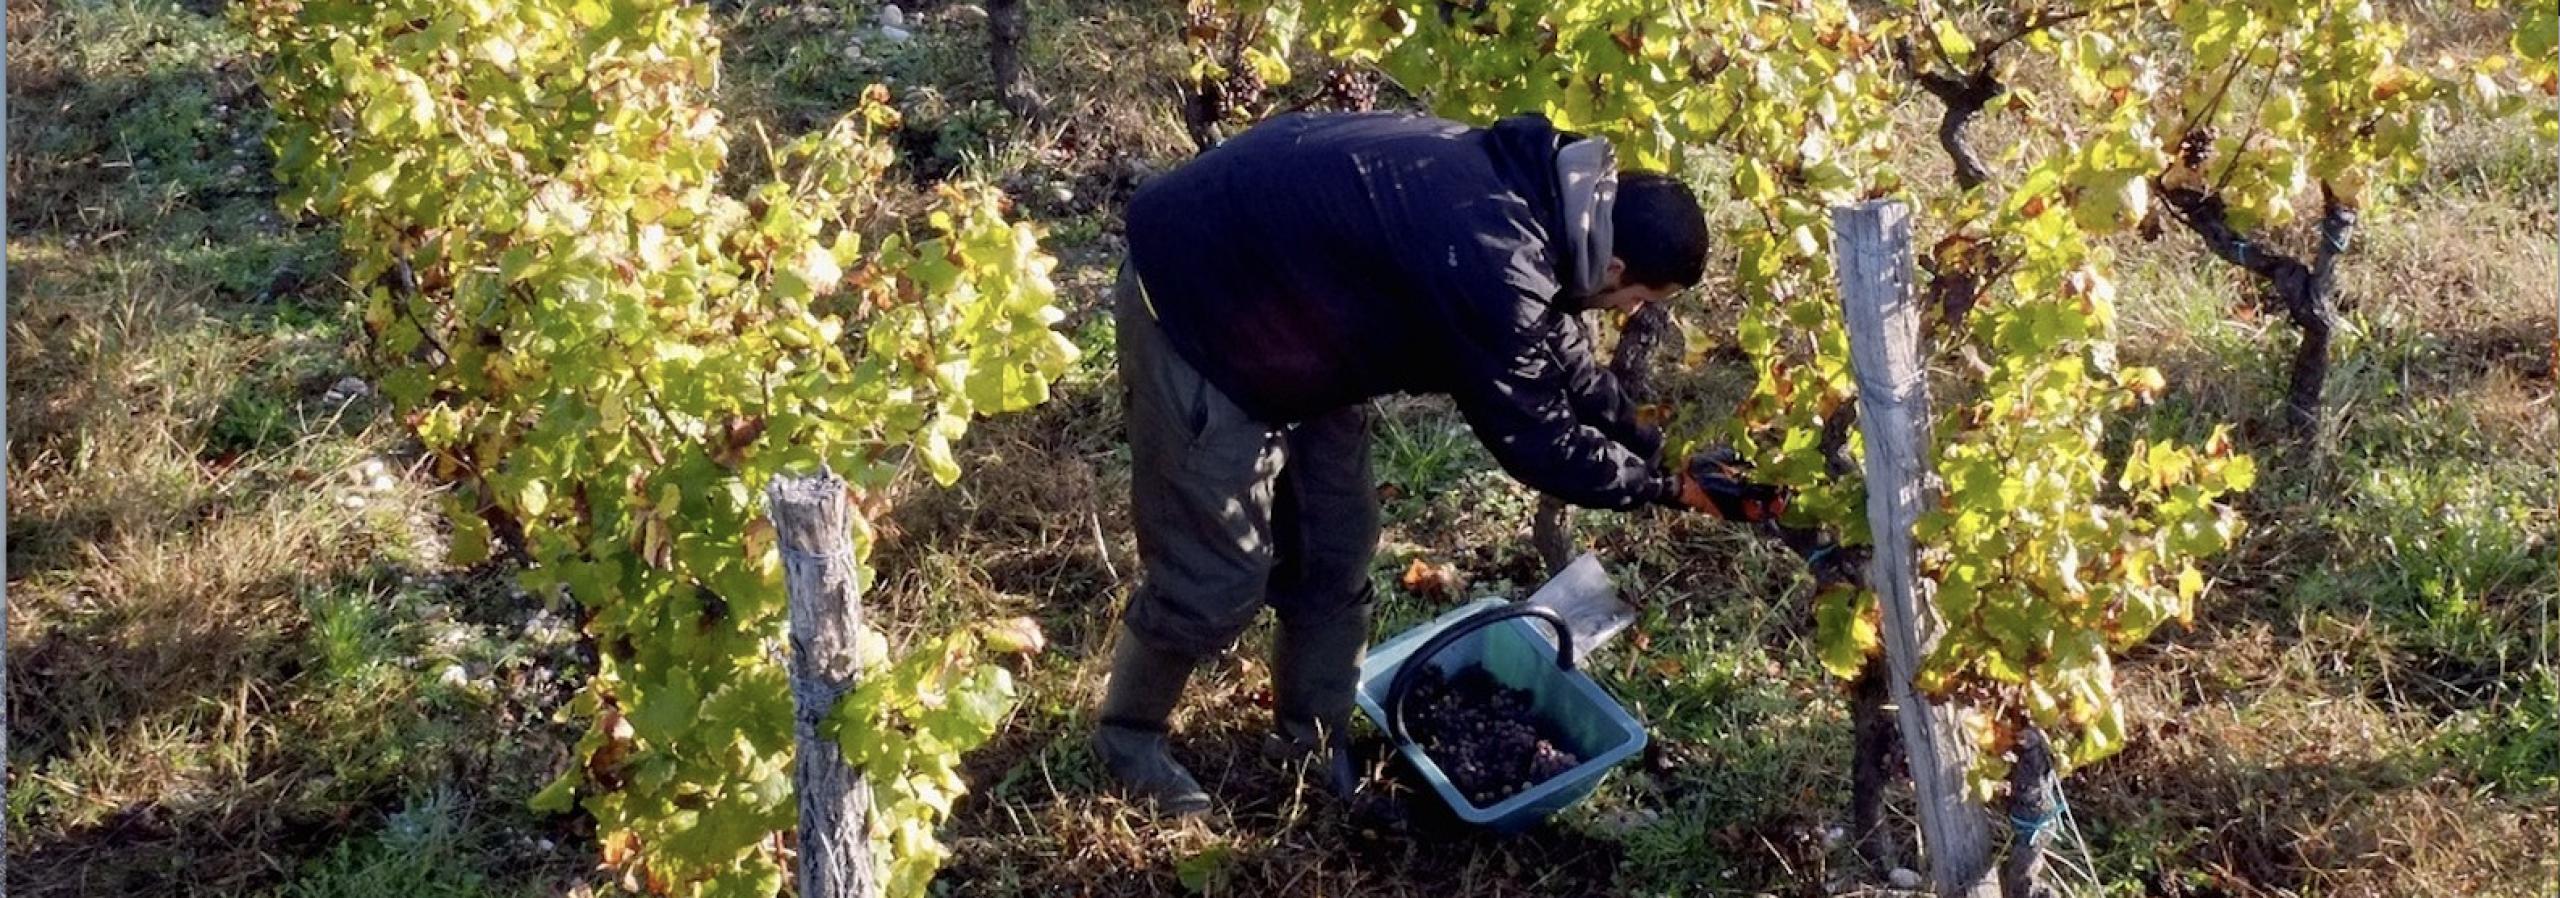 amos74 agence intérim travailleurs agricoles polonais et slovaques